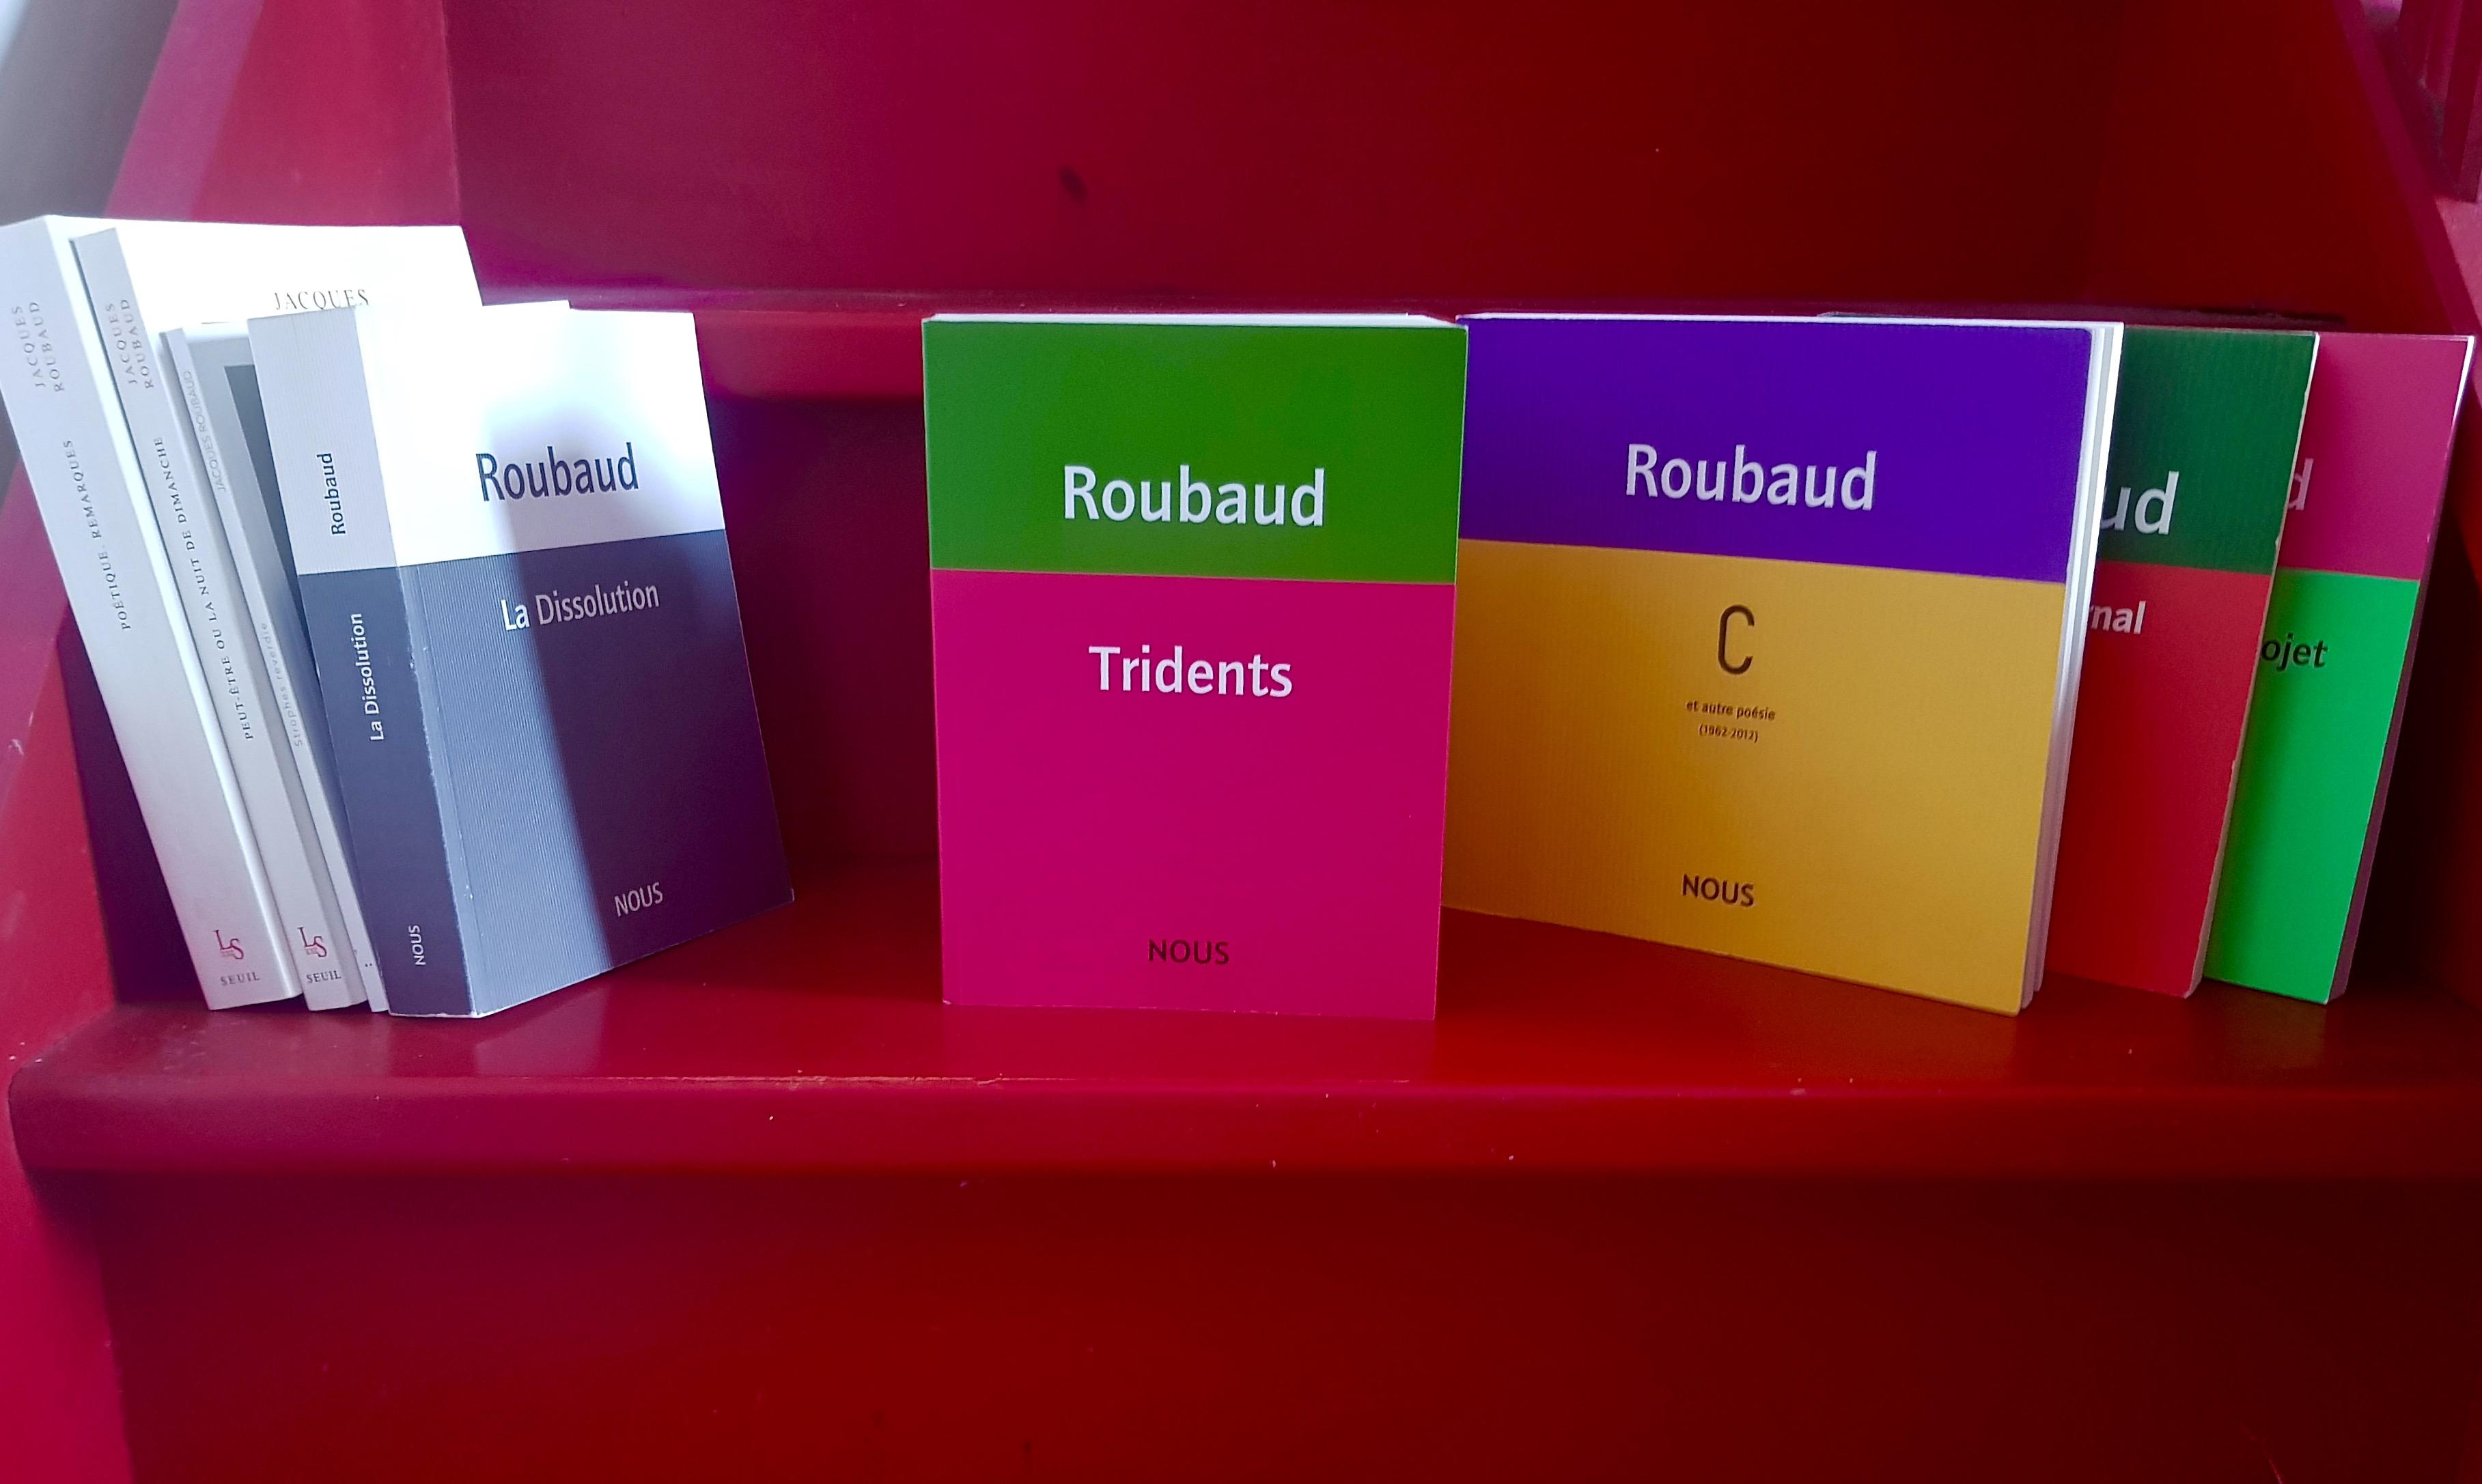 Jacques Roubaud : «avec le 'trident' ⊗  j'expérience la vie d'une forme» (Tridents)